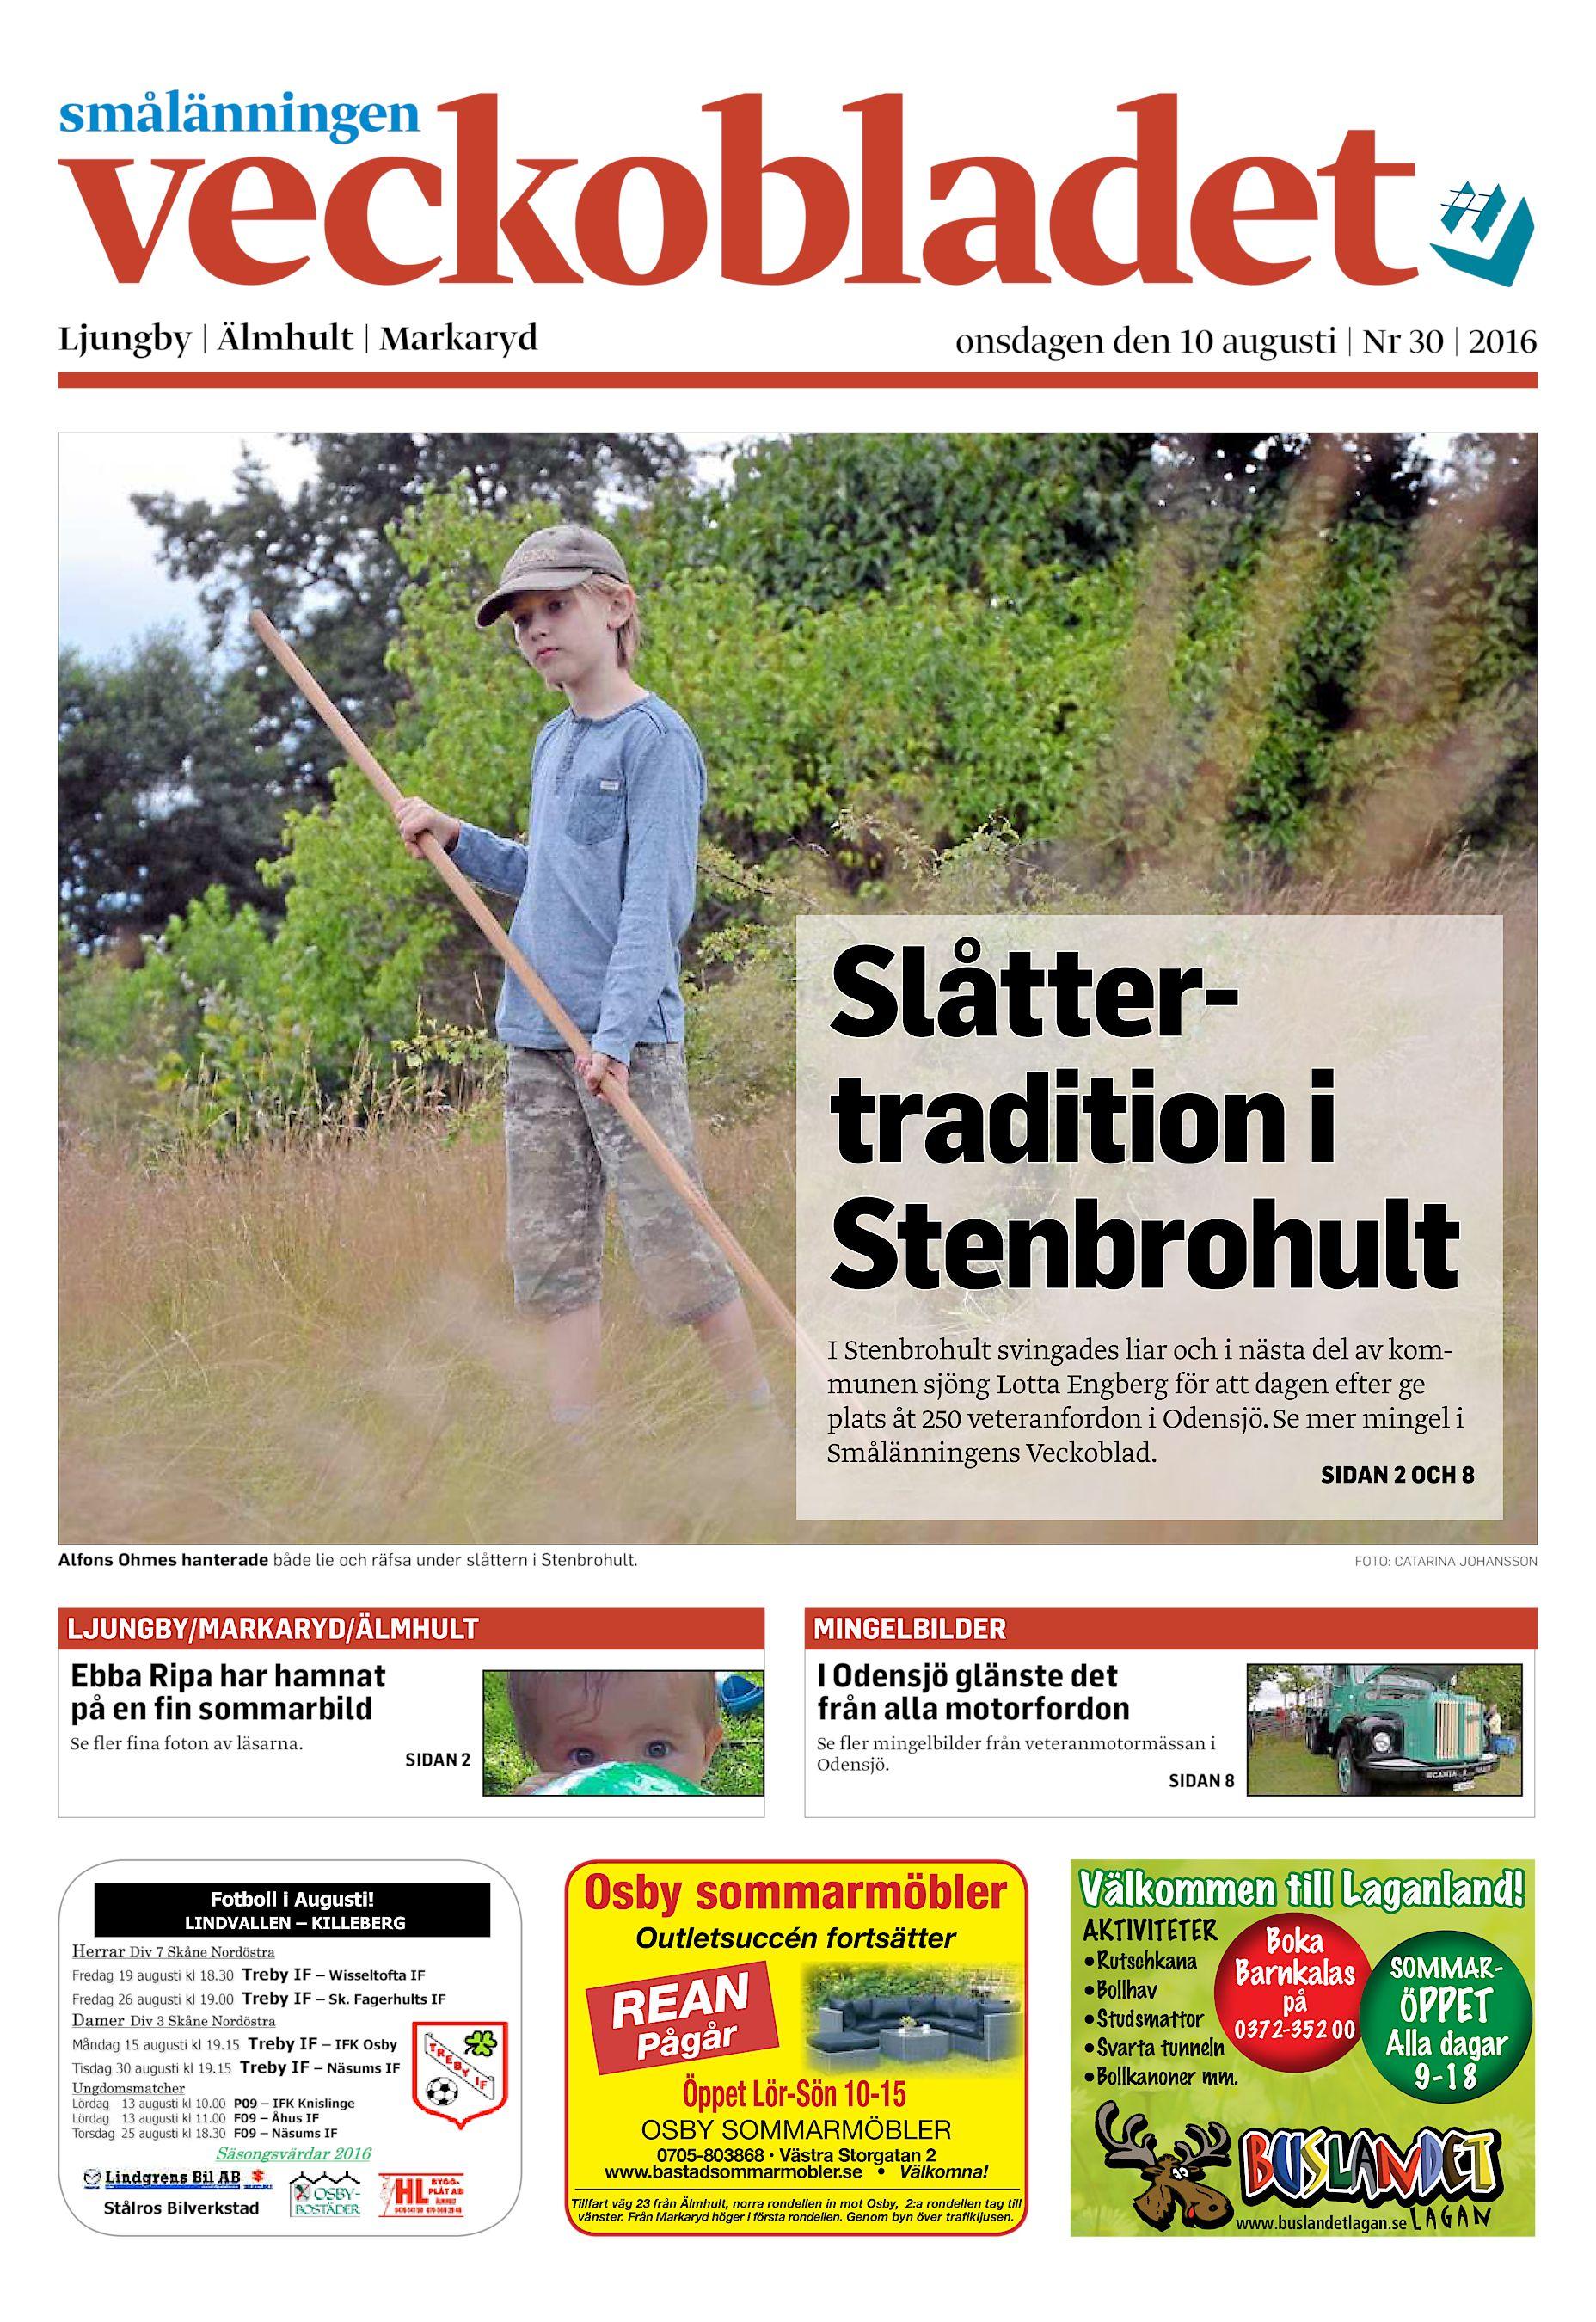 Veckobladet SV-20190213 (endast text)